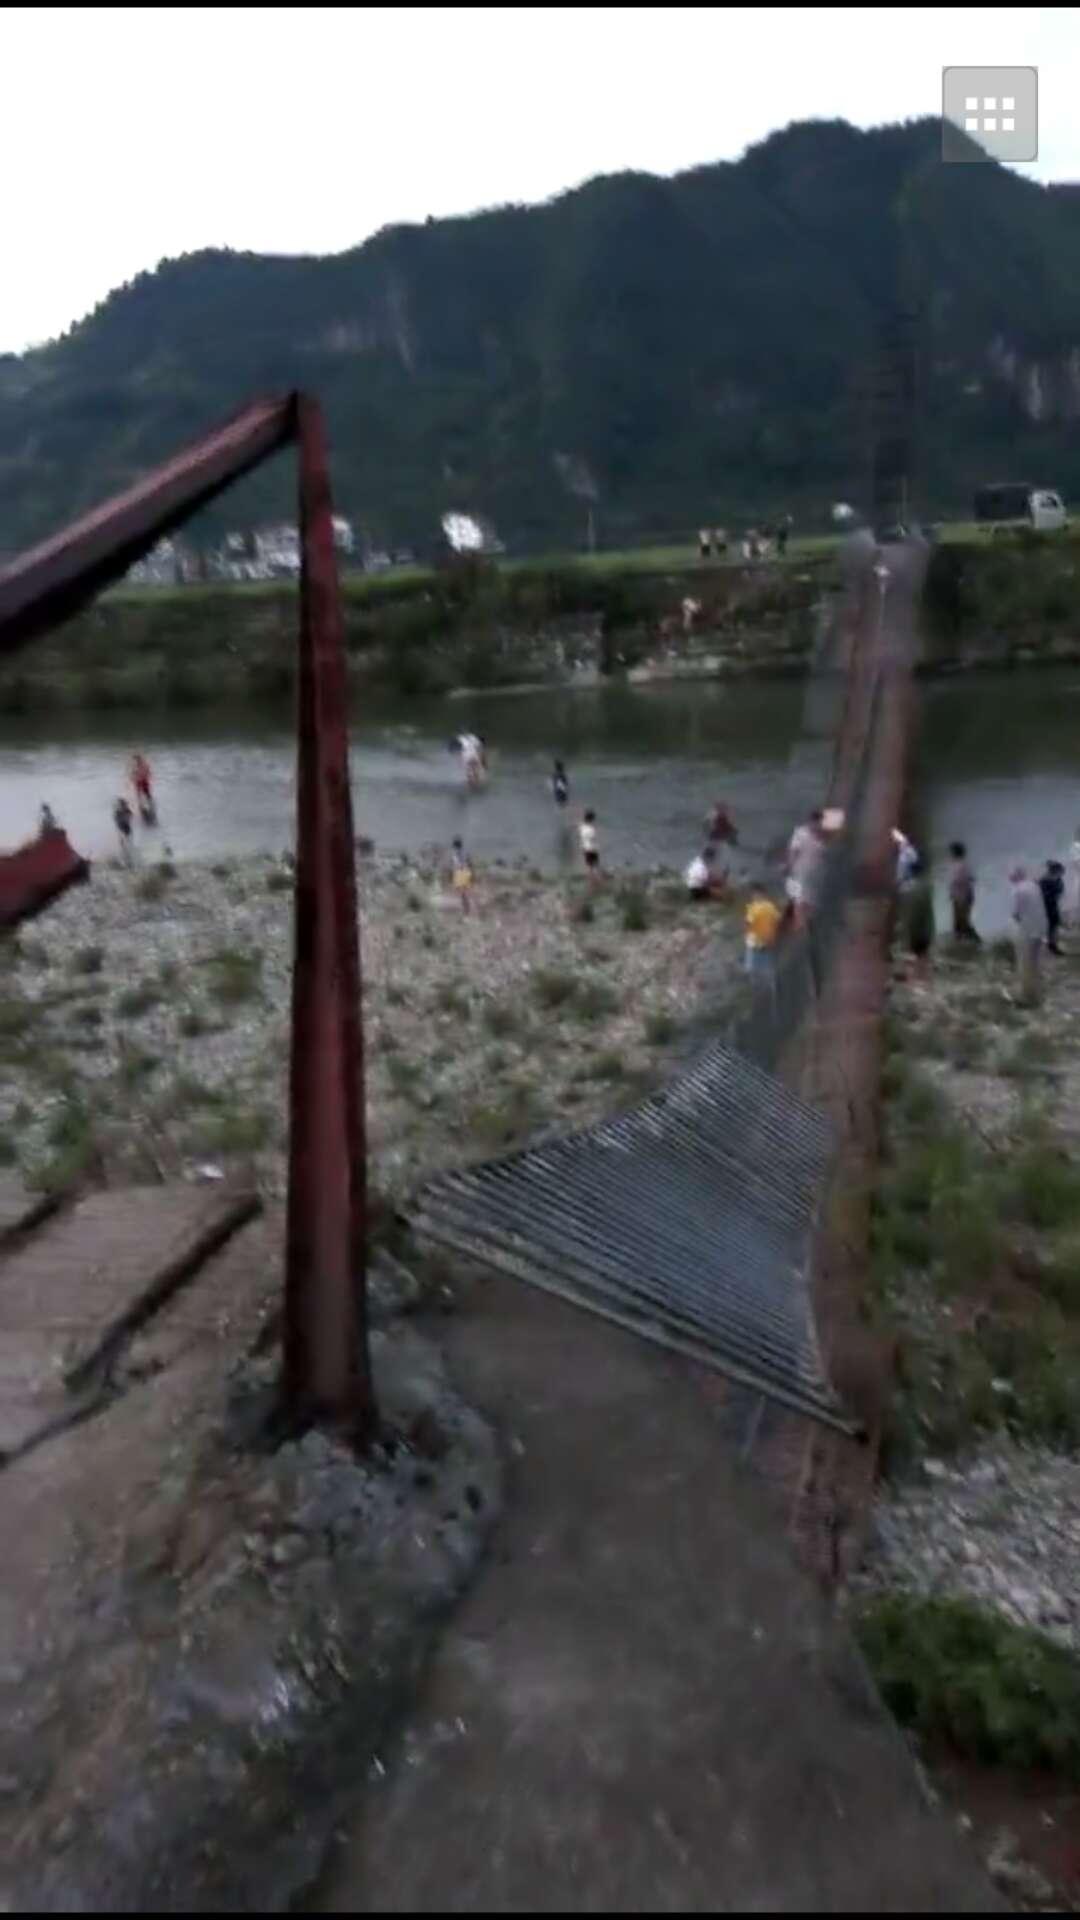 沅陵县荔溪乡蛇子溪横跨两岸的铁索桥发生坍塌